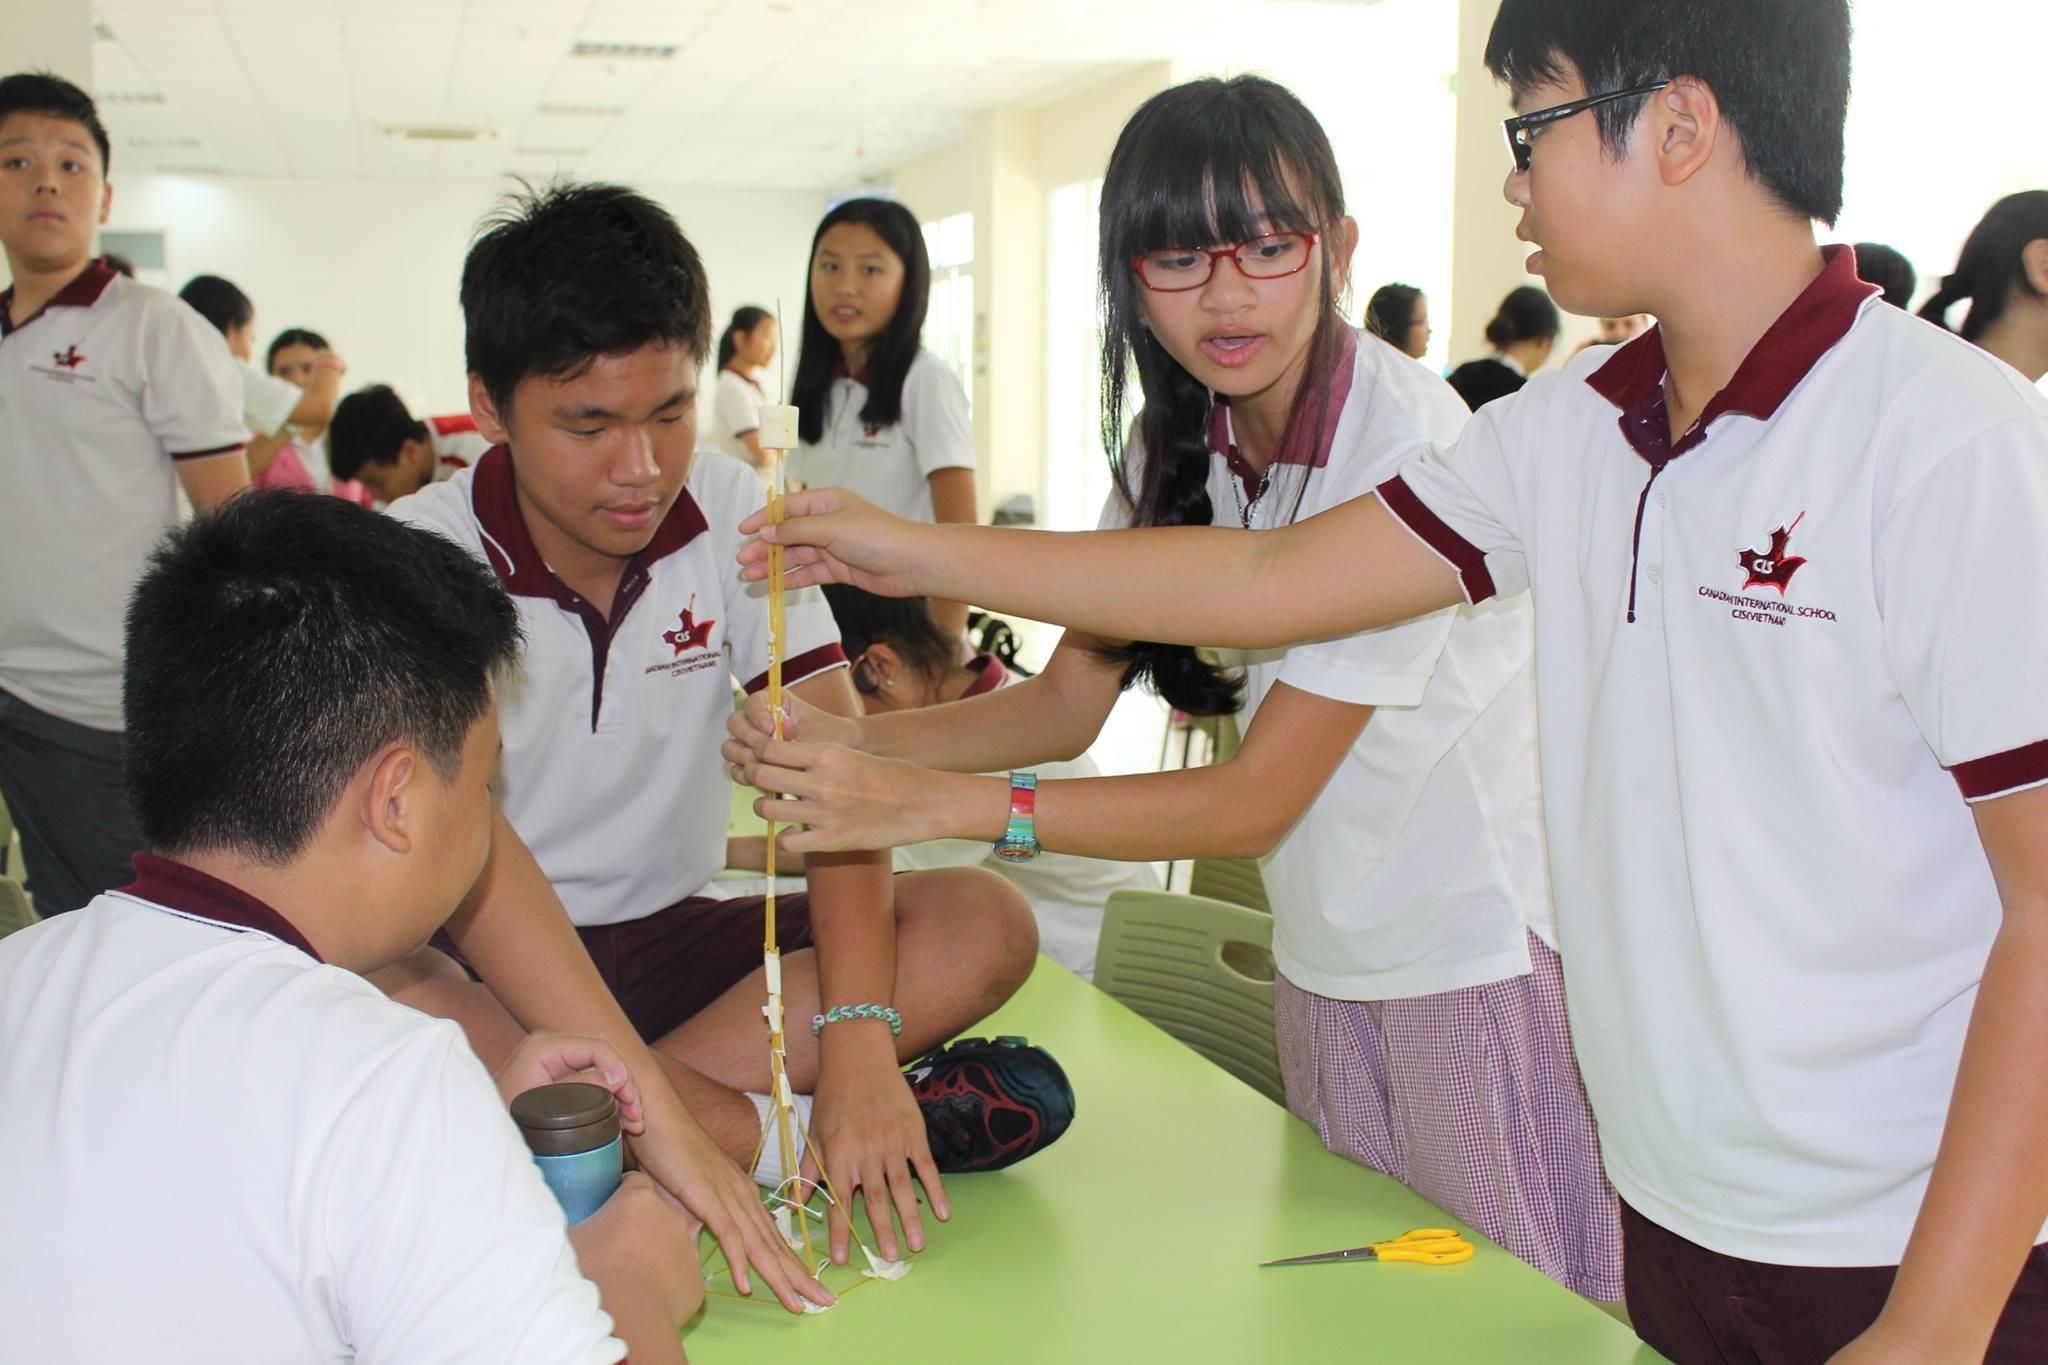 Thử thách Marshmallow đòi hỏi tính sự suy luận và tính tỉ mỉ cao. Hình: Sưu tầm